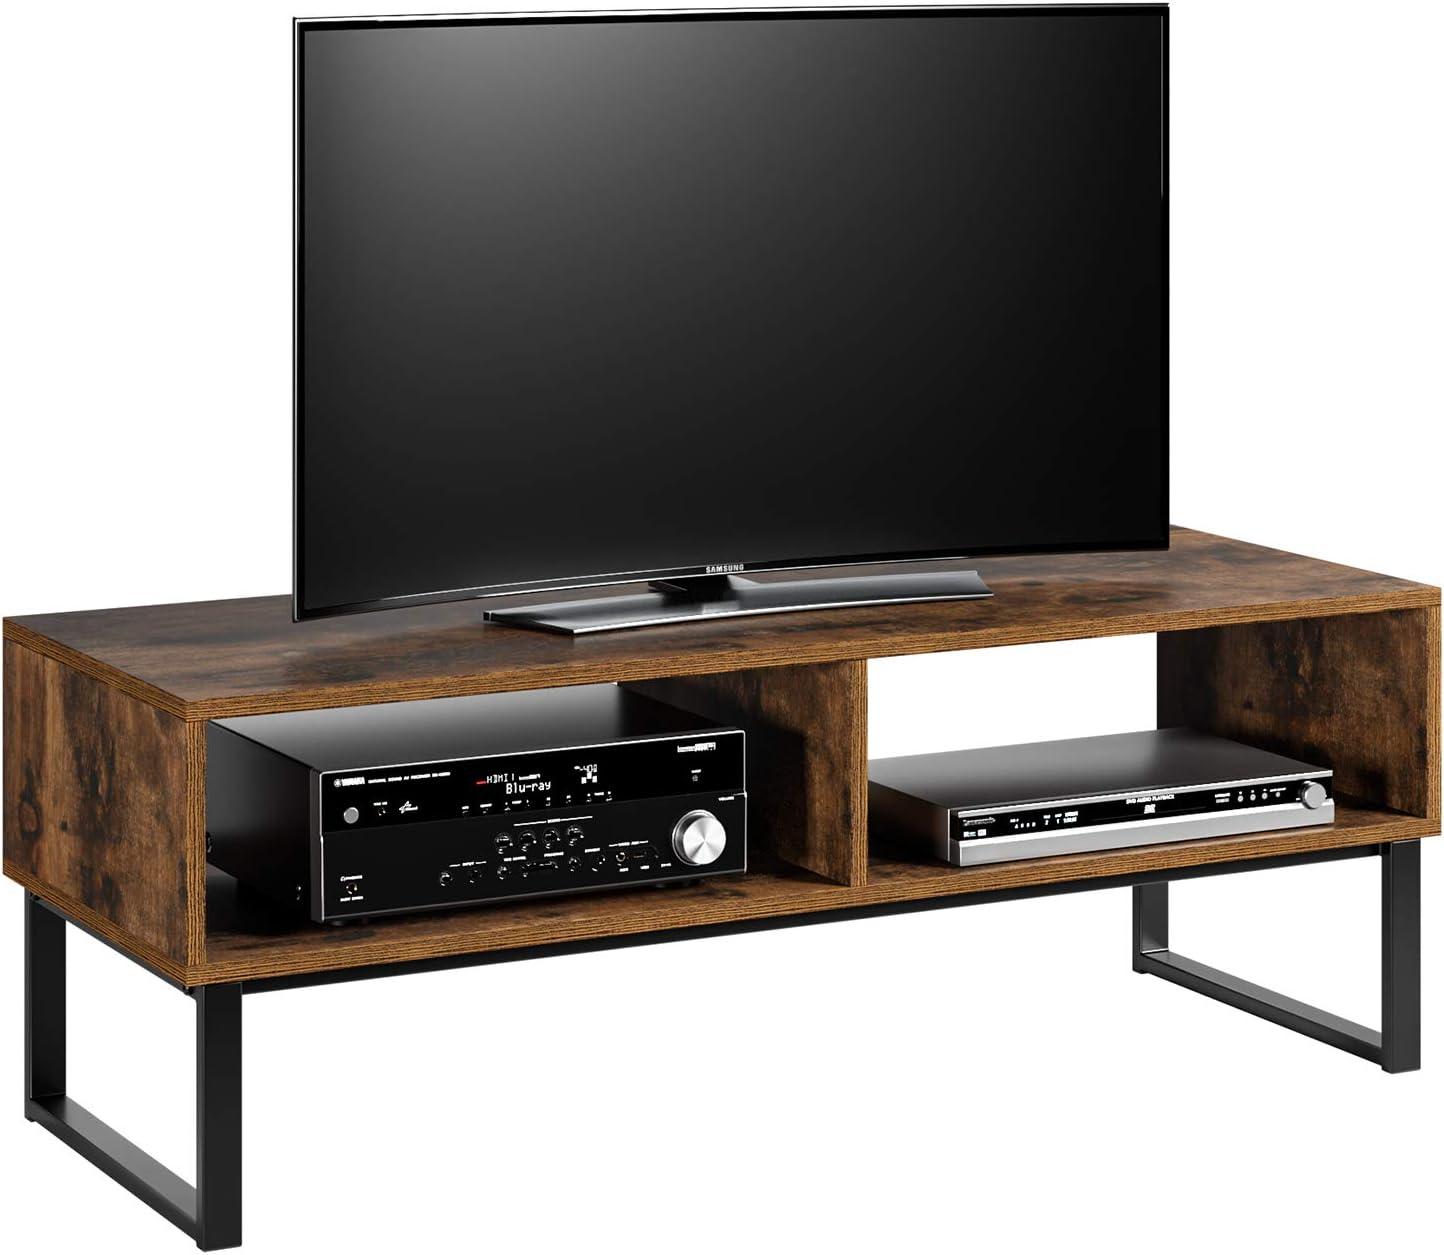 Homfa Fernsehtisch Tv Regal Tv Schrank Tv Tisch Tv Möbel Tv Lowboard Tv Board Fernsehschrank Wohnzimmertisch Vintage Holz Metell 108x40x40cm Küche Haushalt